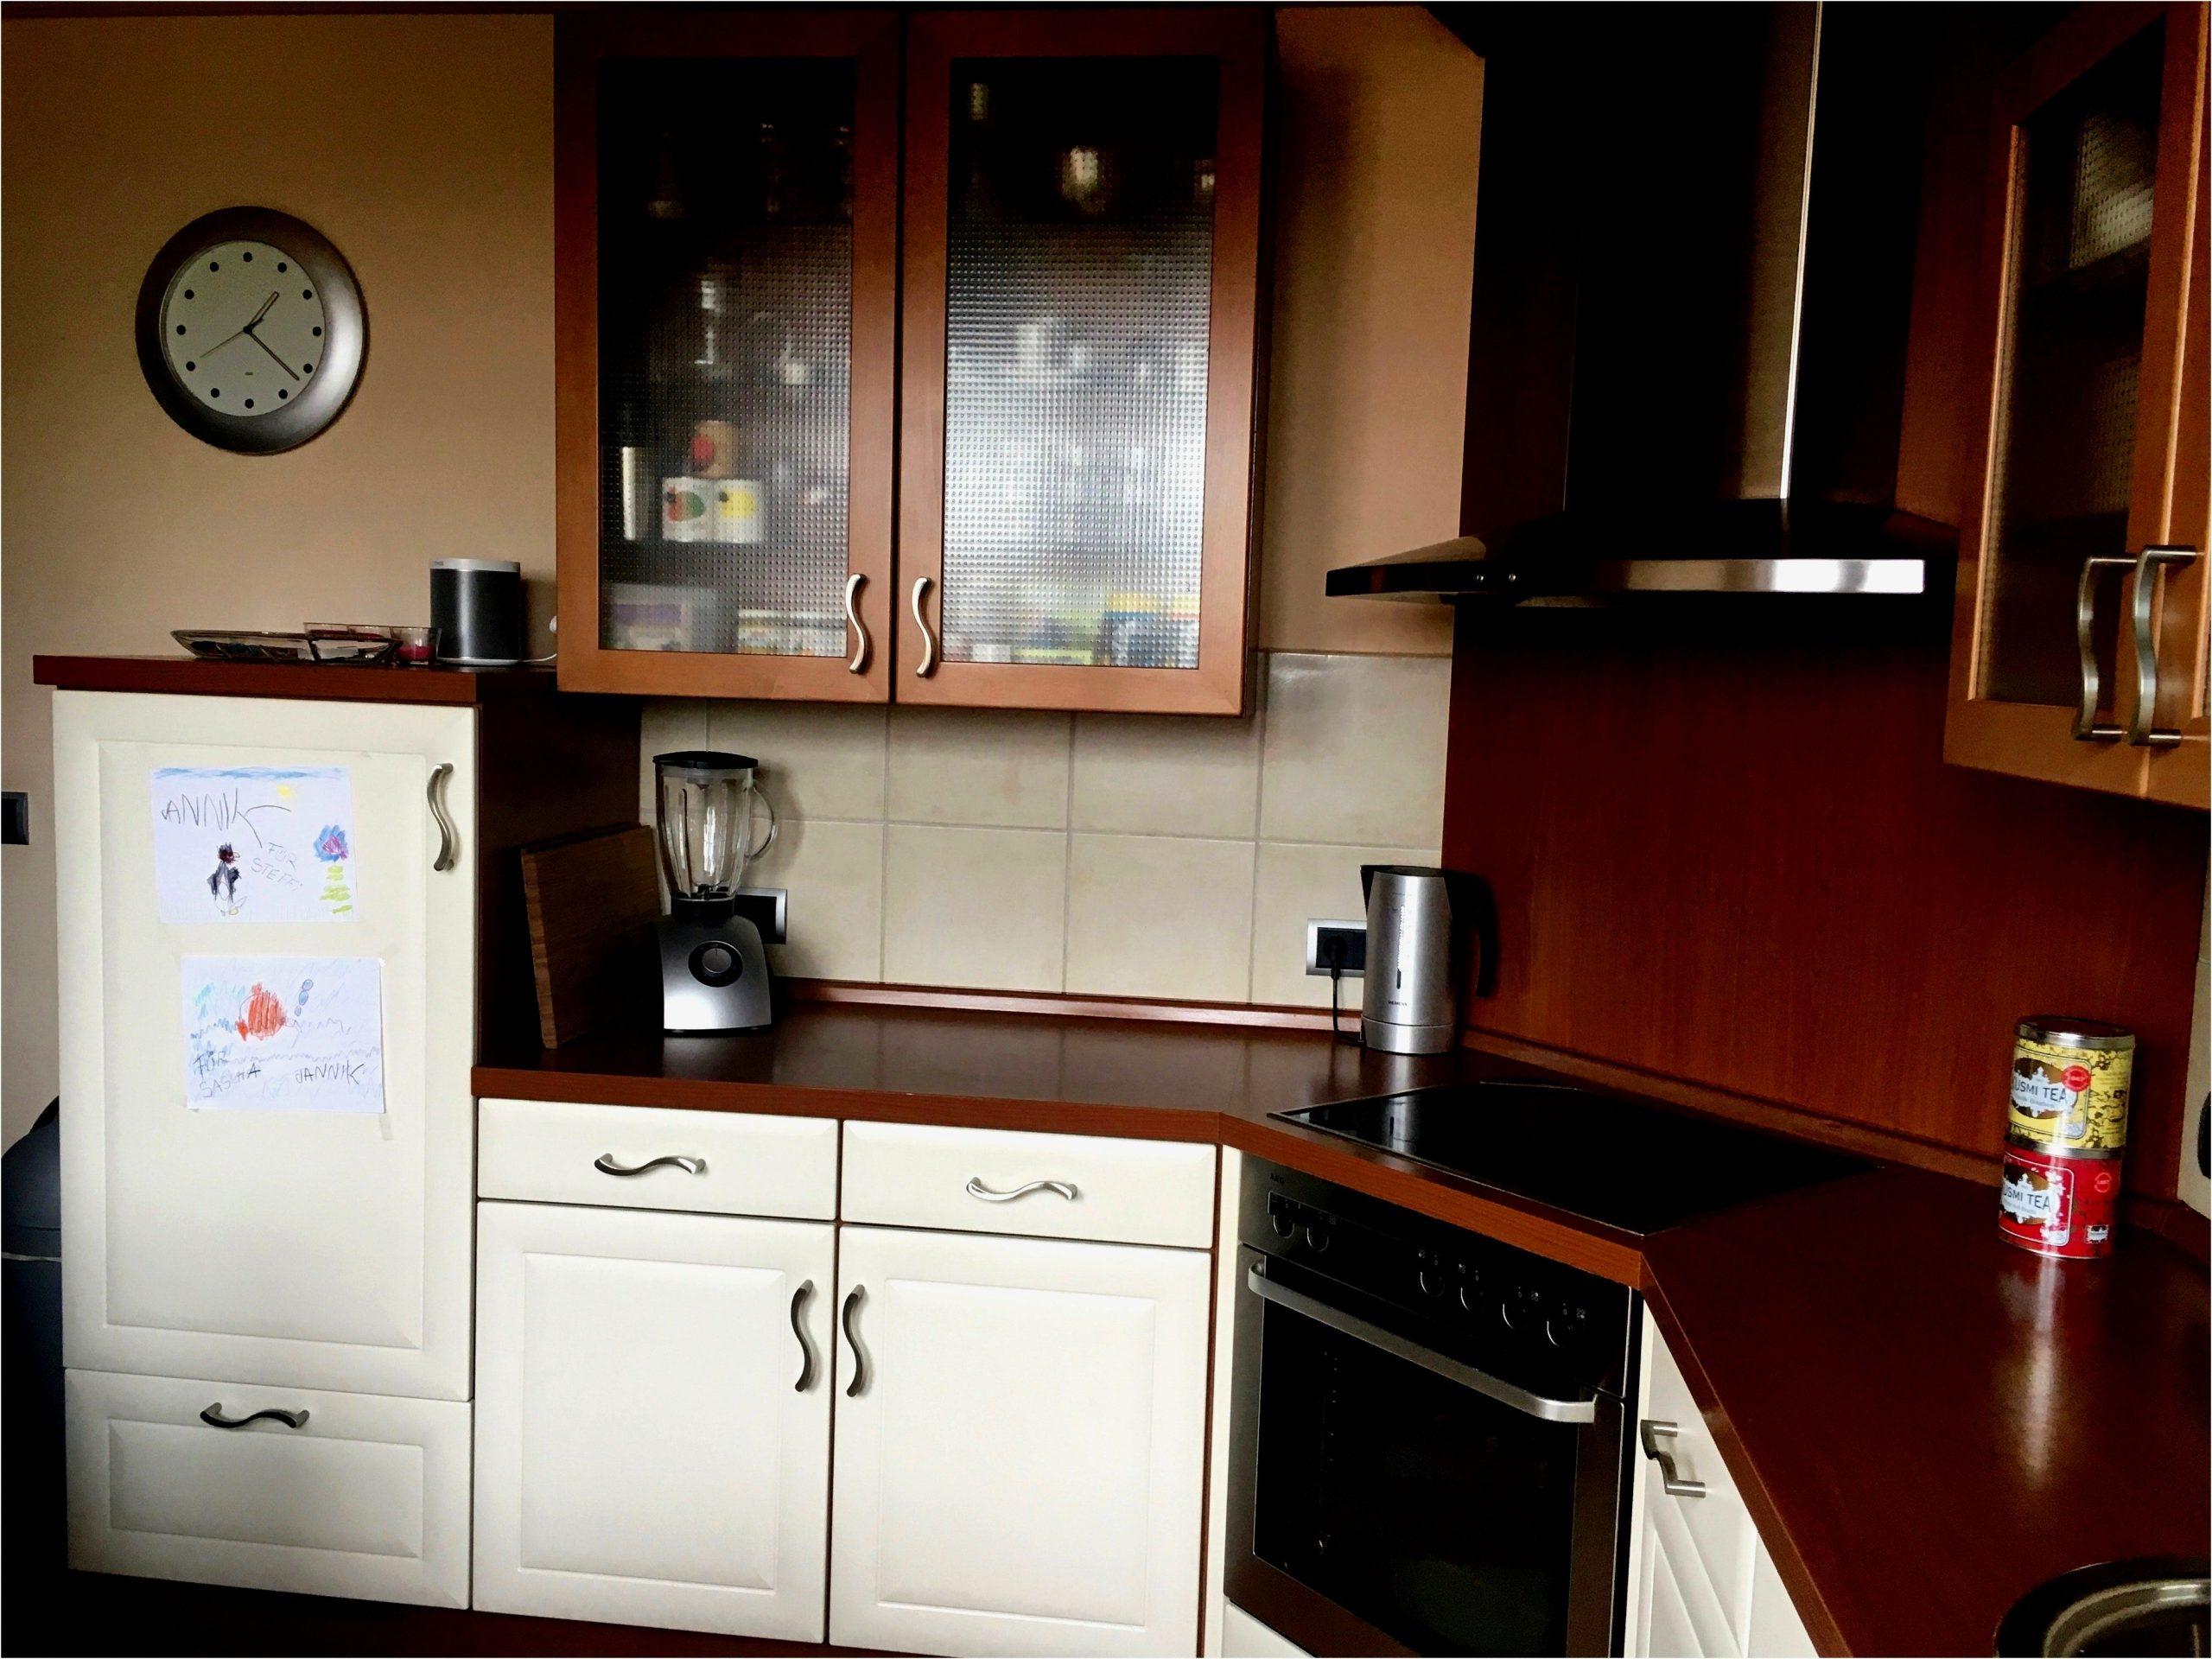 Full Size of Gebrauchte Möbel Bielefeld Gebraucht Einbauküche Genial Küche Gebrauchte Einbauküche